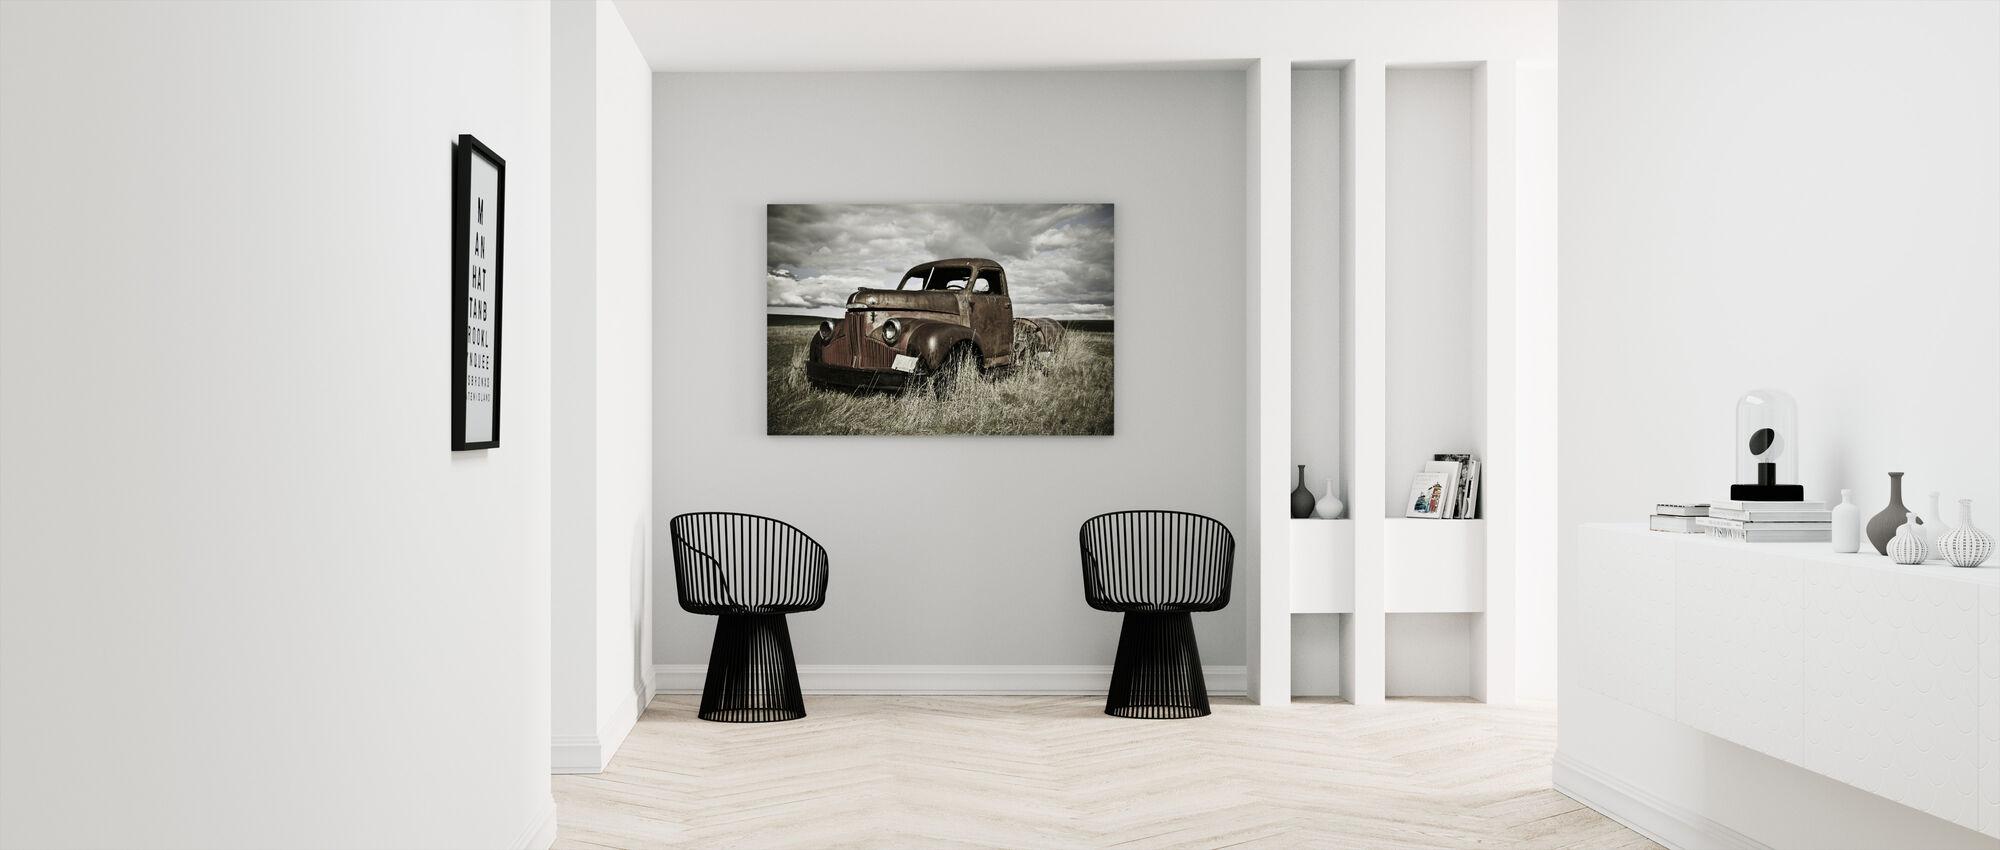 Gammel lastbil ude i marken - Billede på lærred - Entré